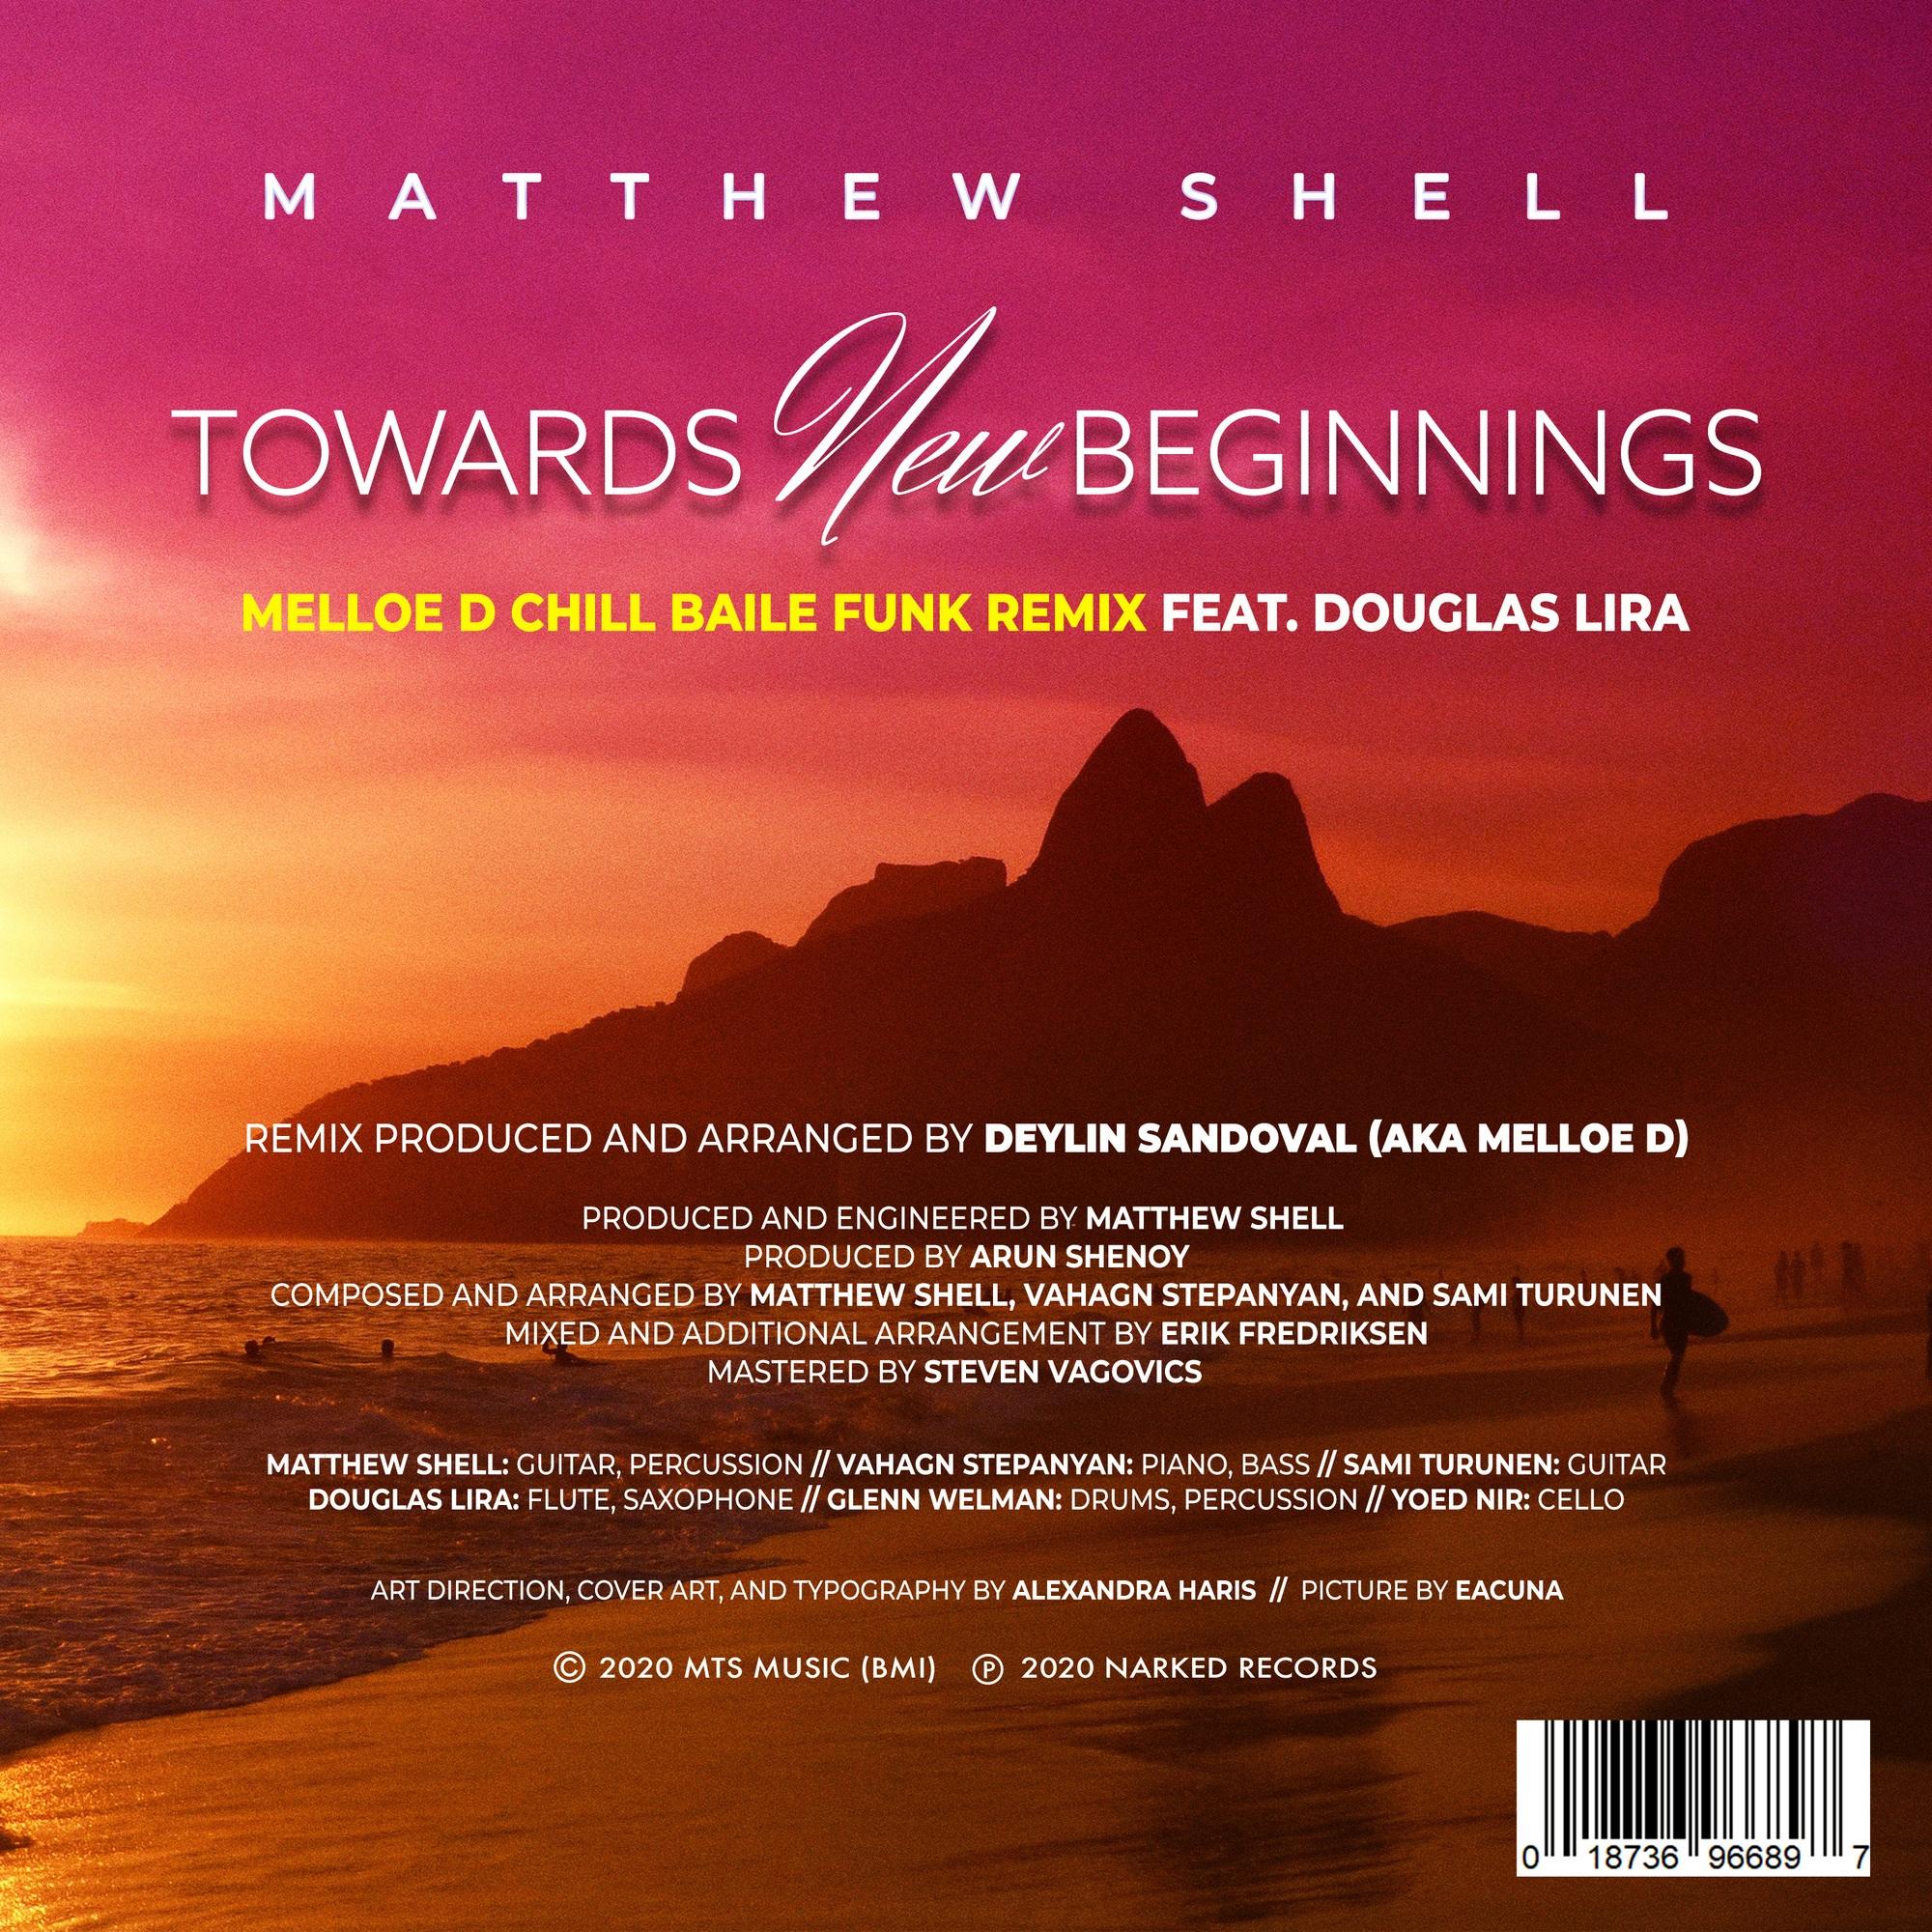 Towards New Beginnings Melloe D Remix- Credits Sheet